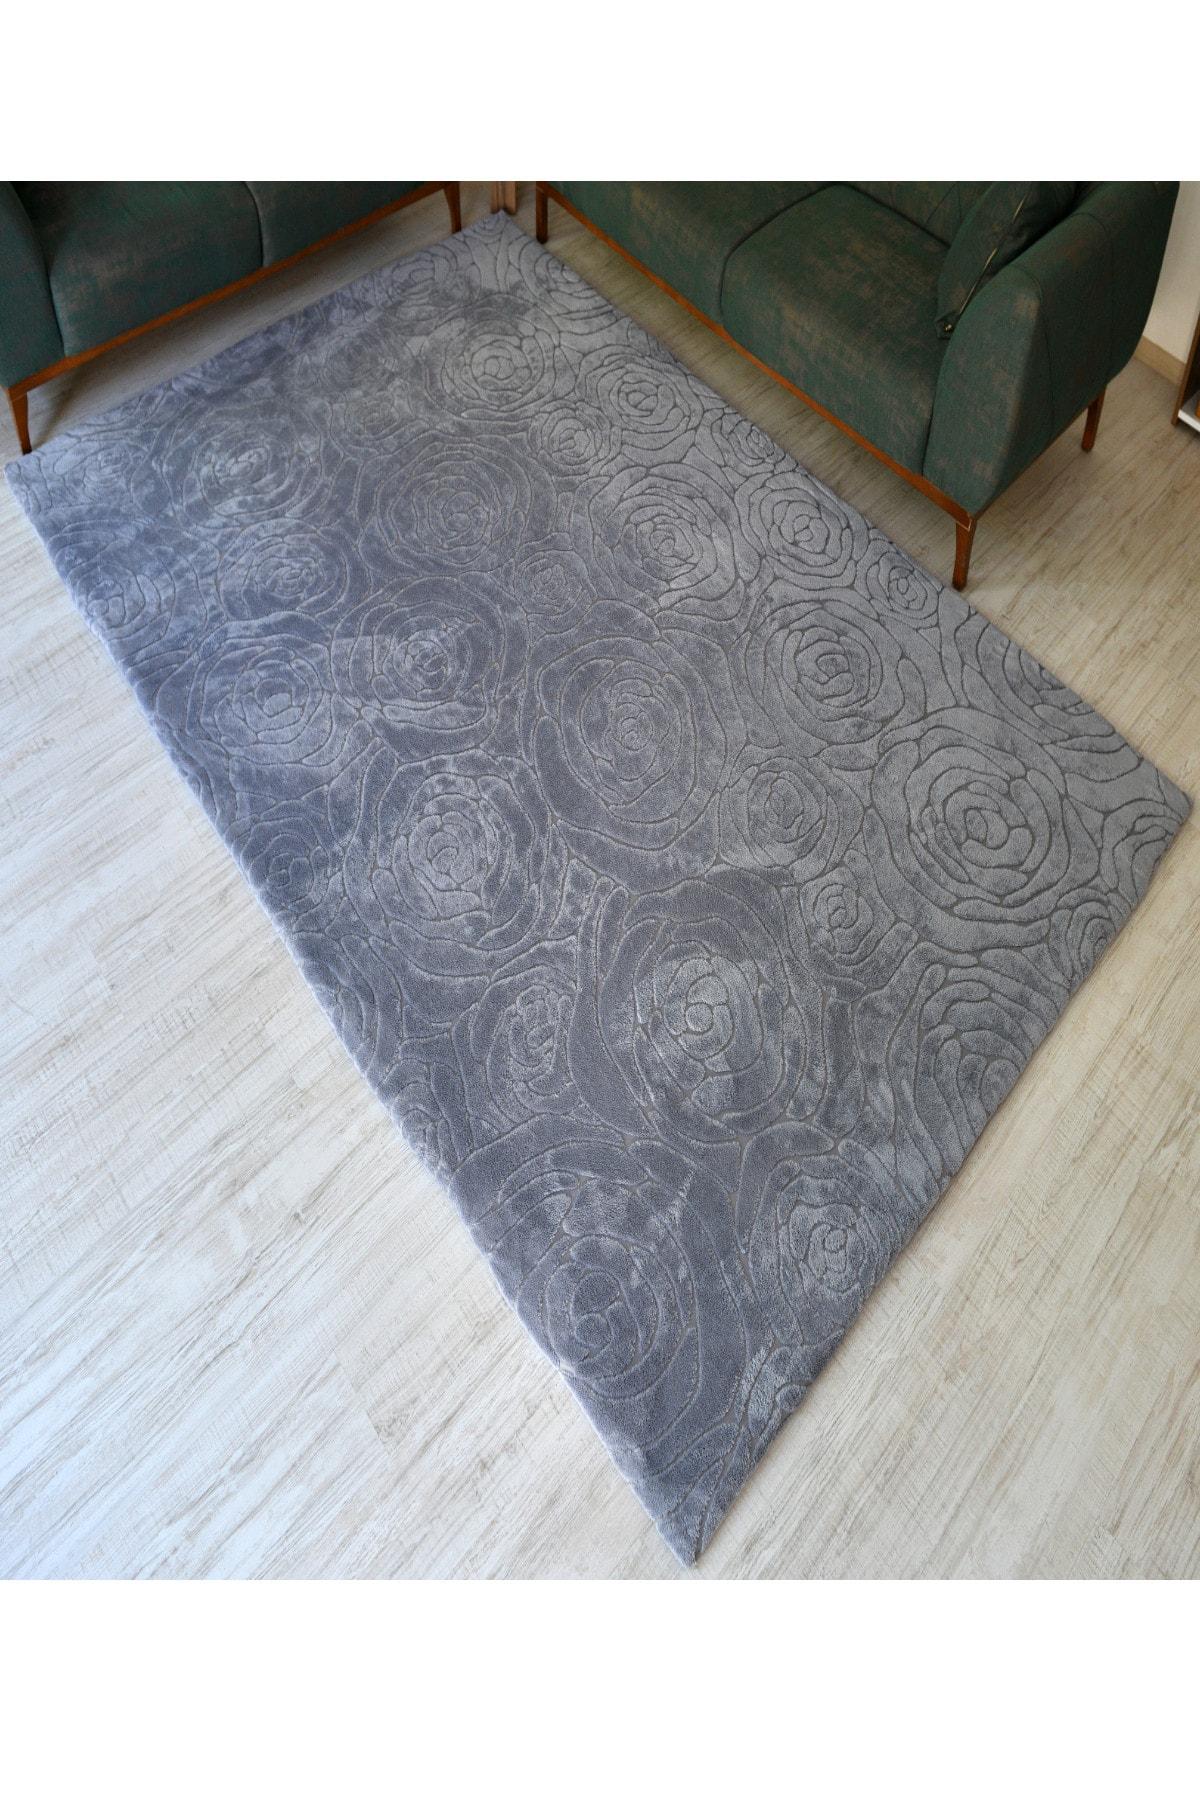 غطاء ديكور المنزل للسجاد السجاد غطاء السجاد النسيج ارتفع نمط رمادي